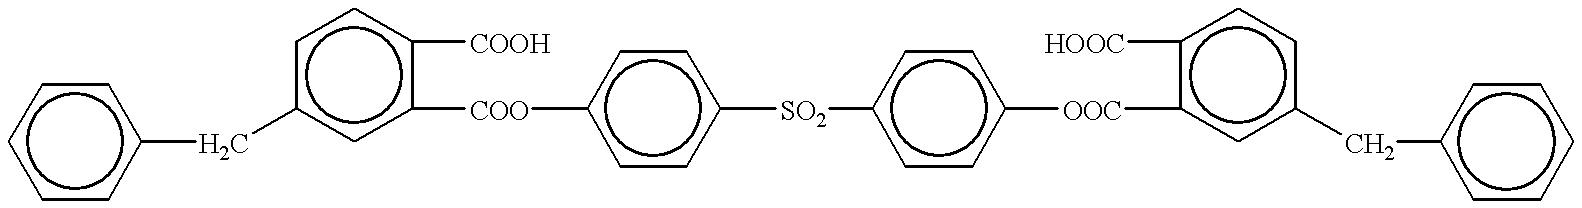 Figure US06180560-20010130-C00196